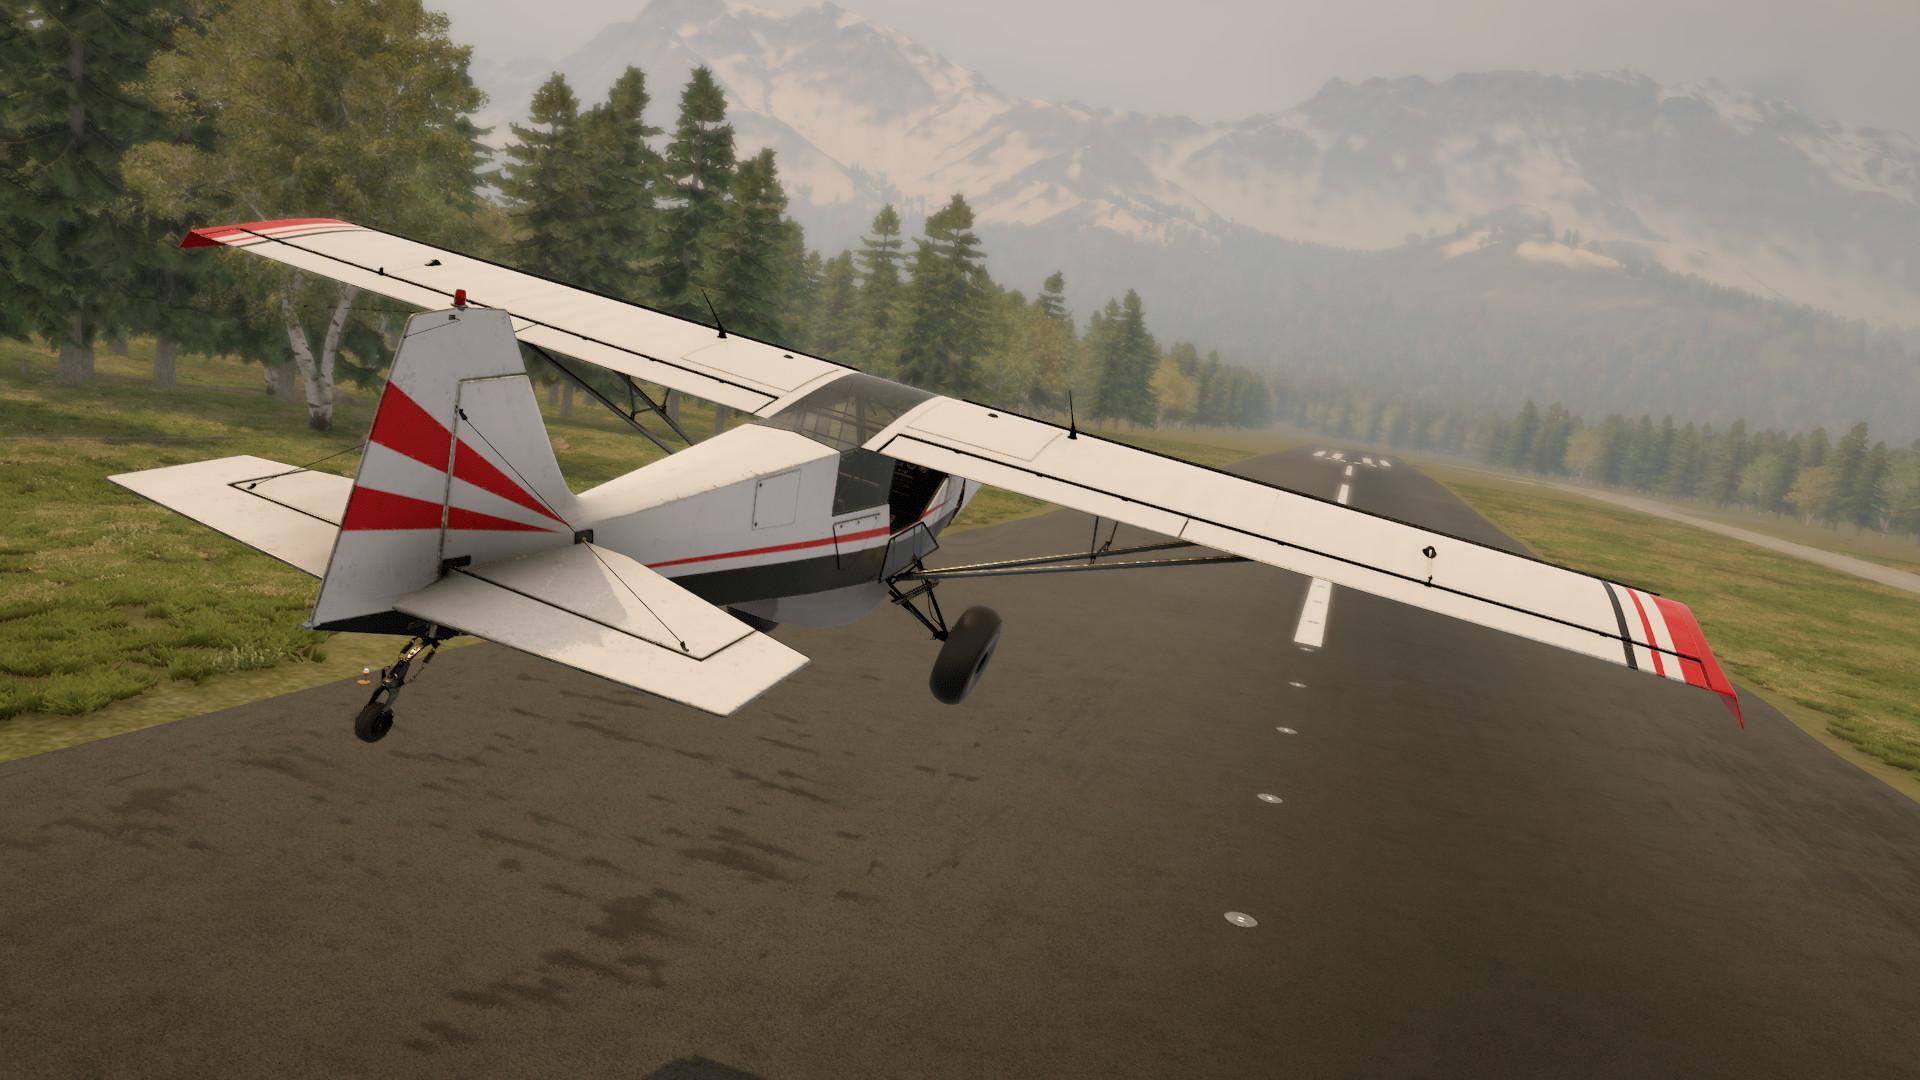 A bush plane